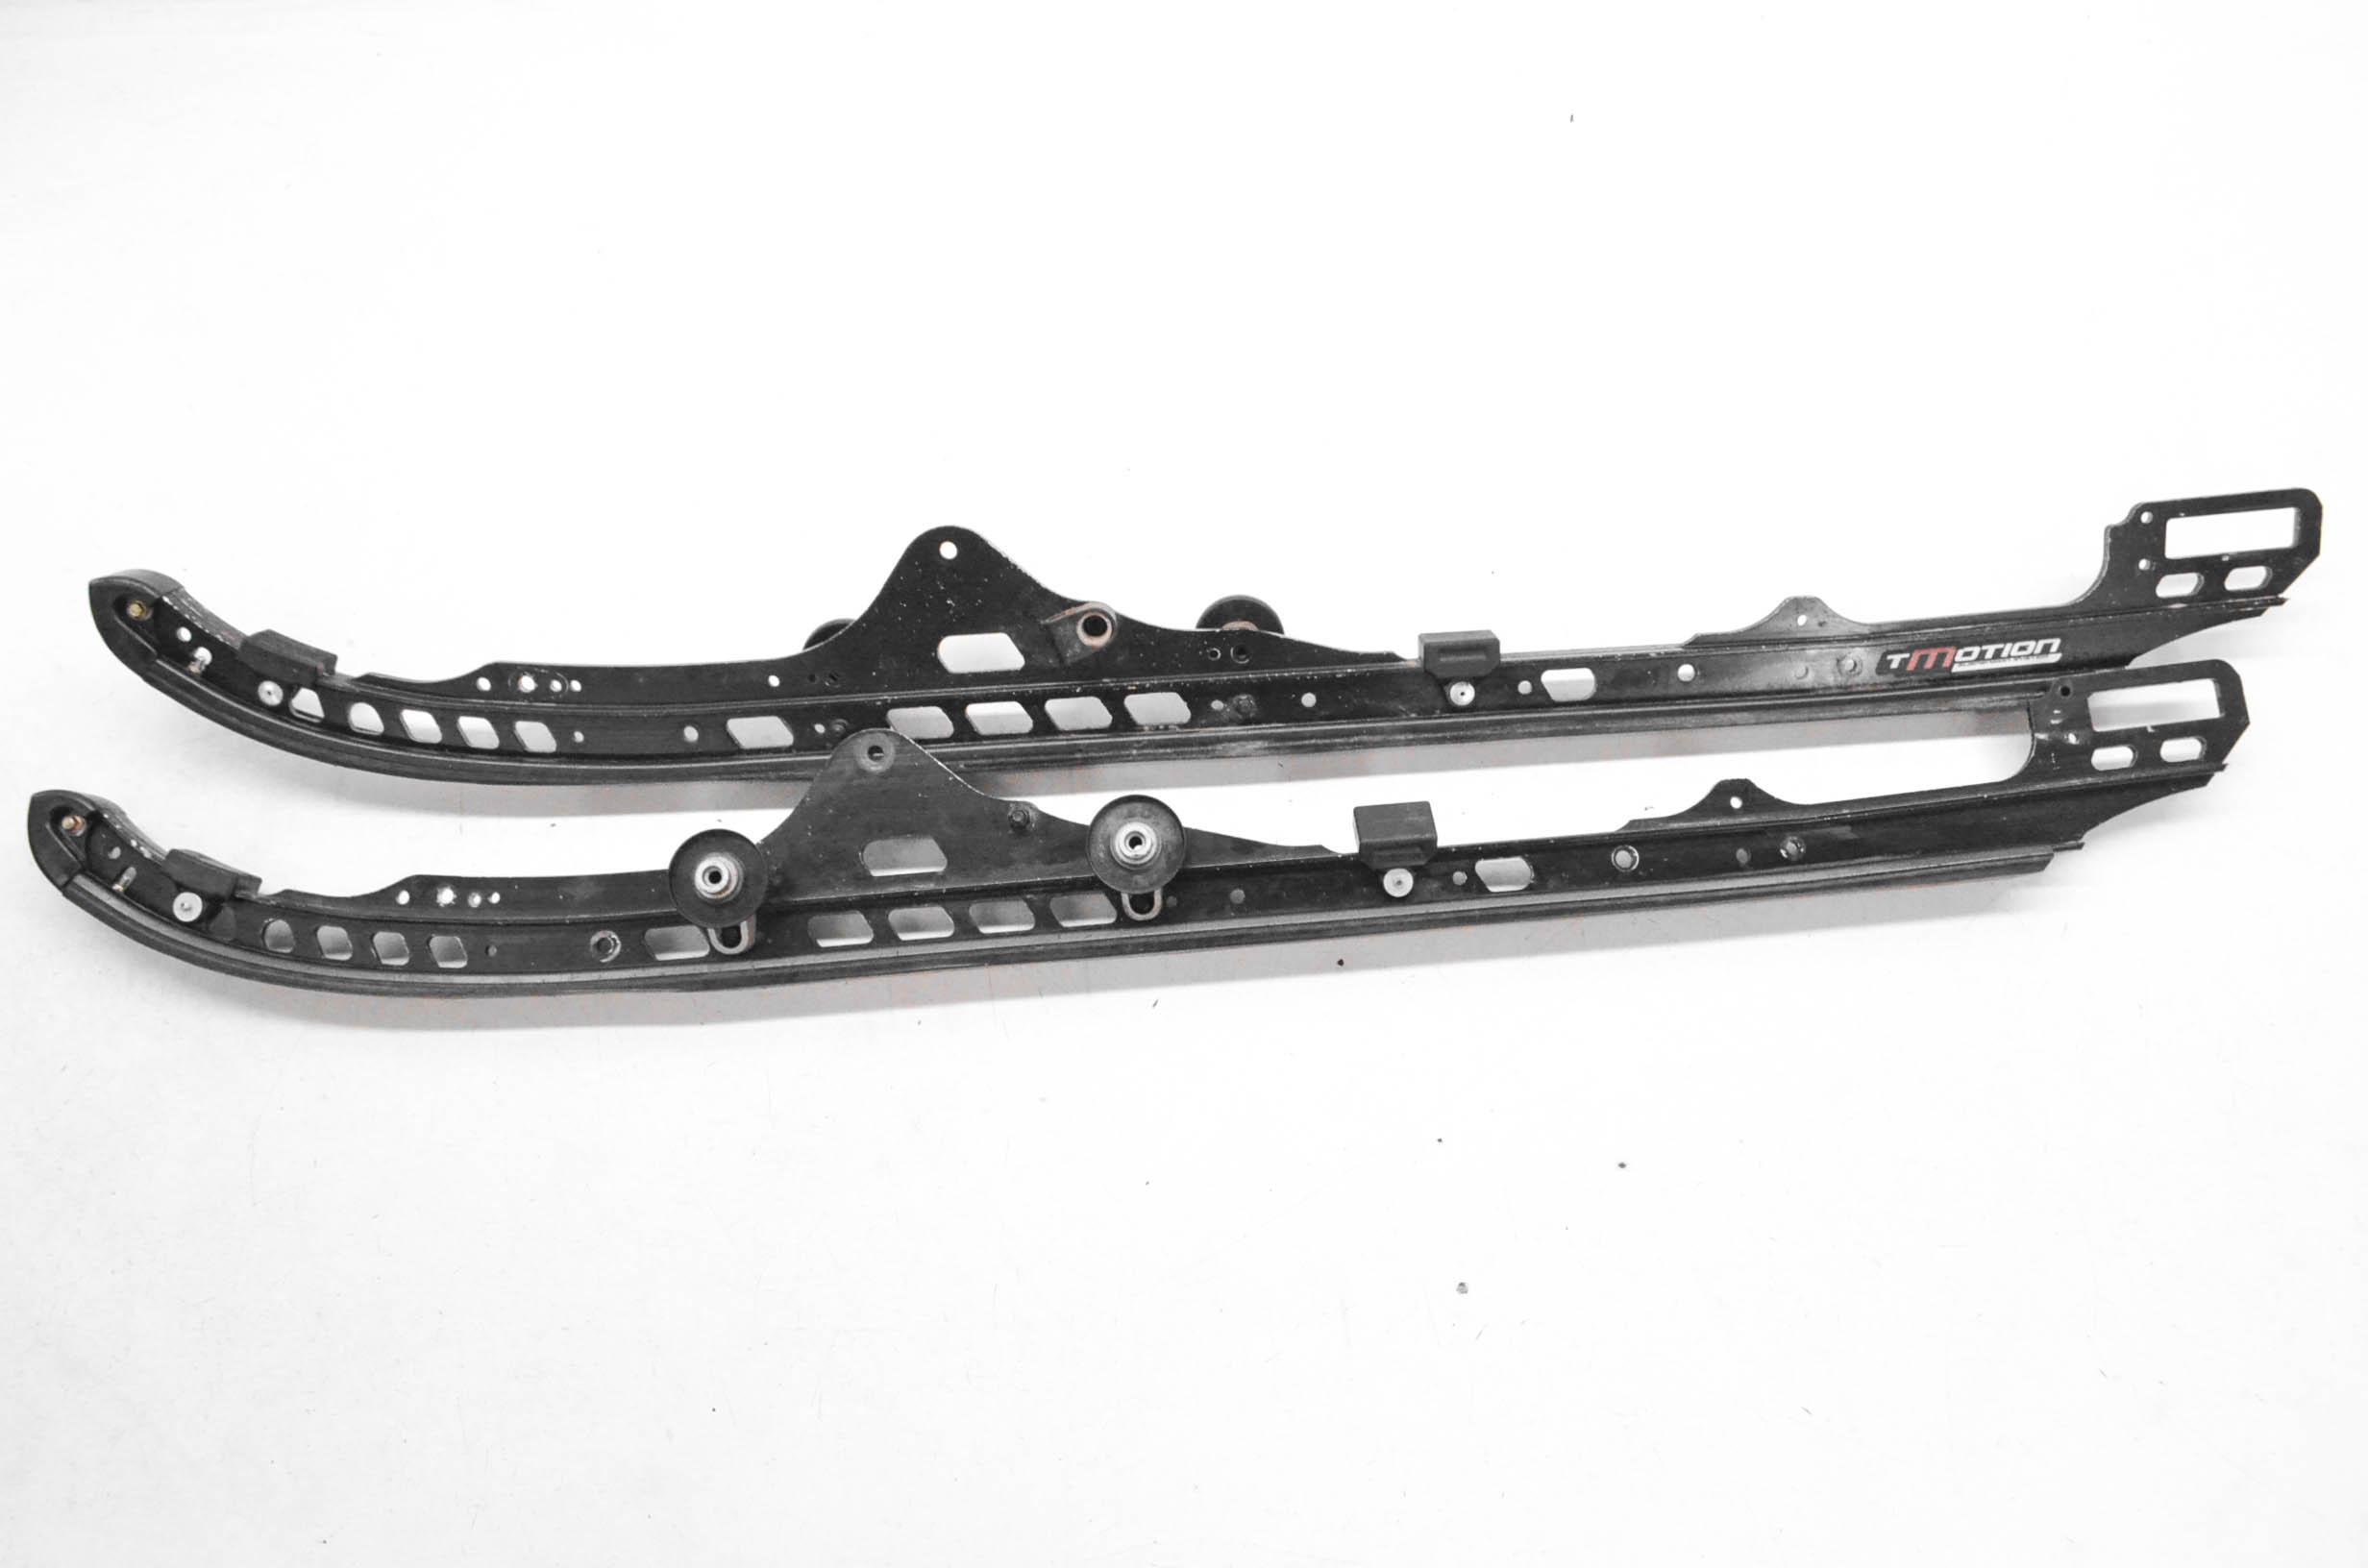 Rear Bumper Fits 2011 Ski-Doo Renegade X E-TEC 600 HO